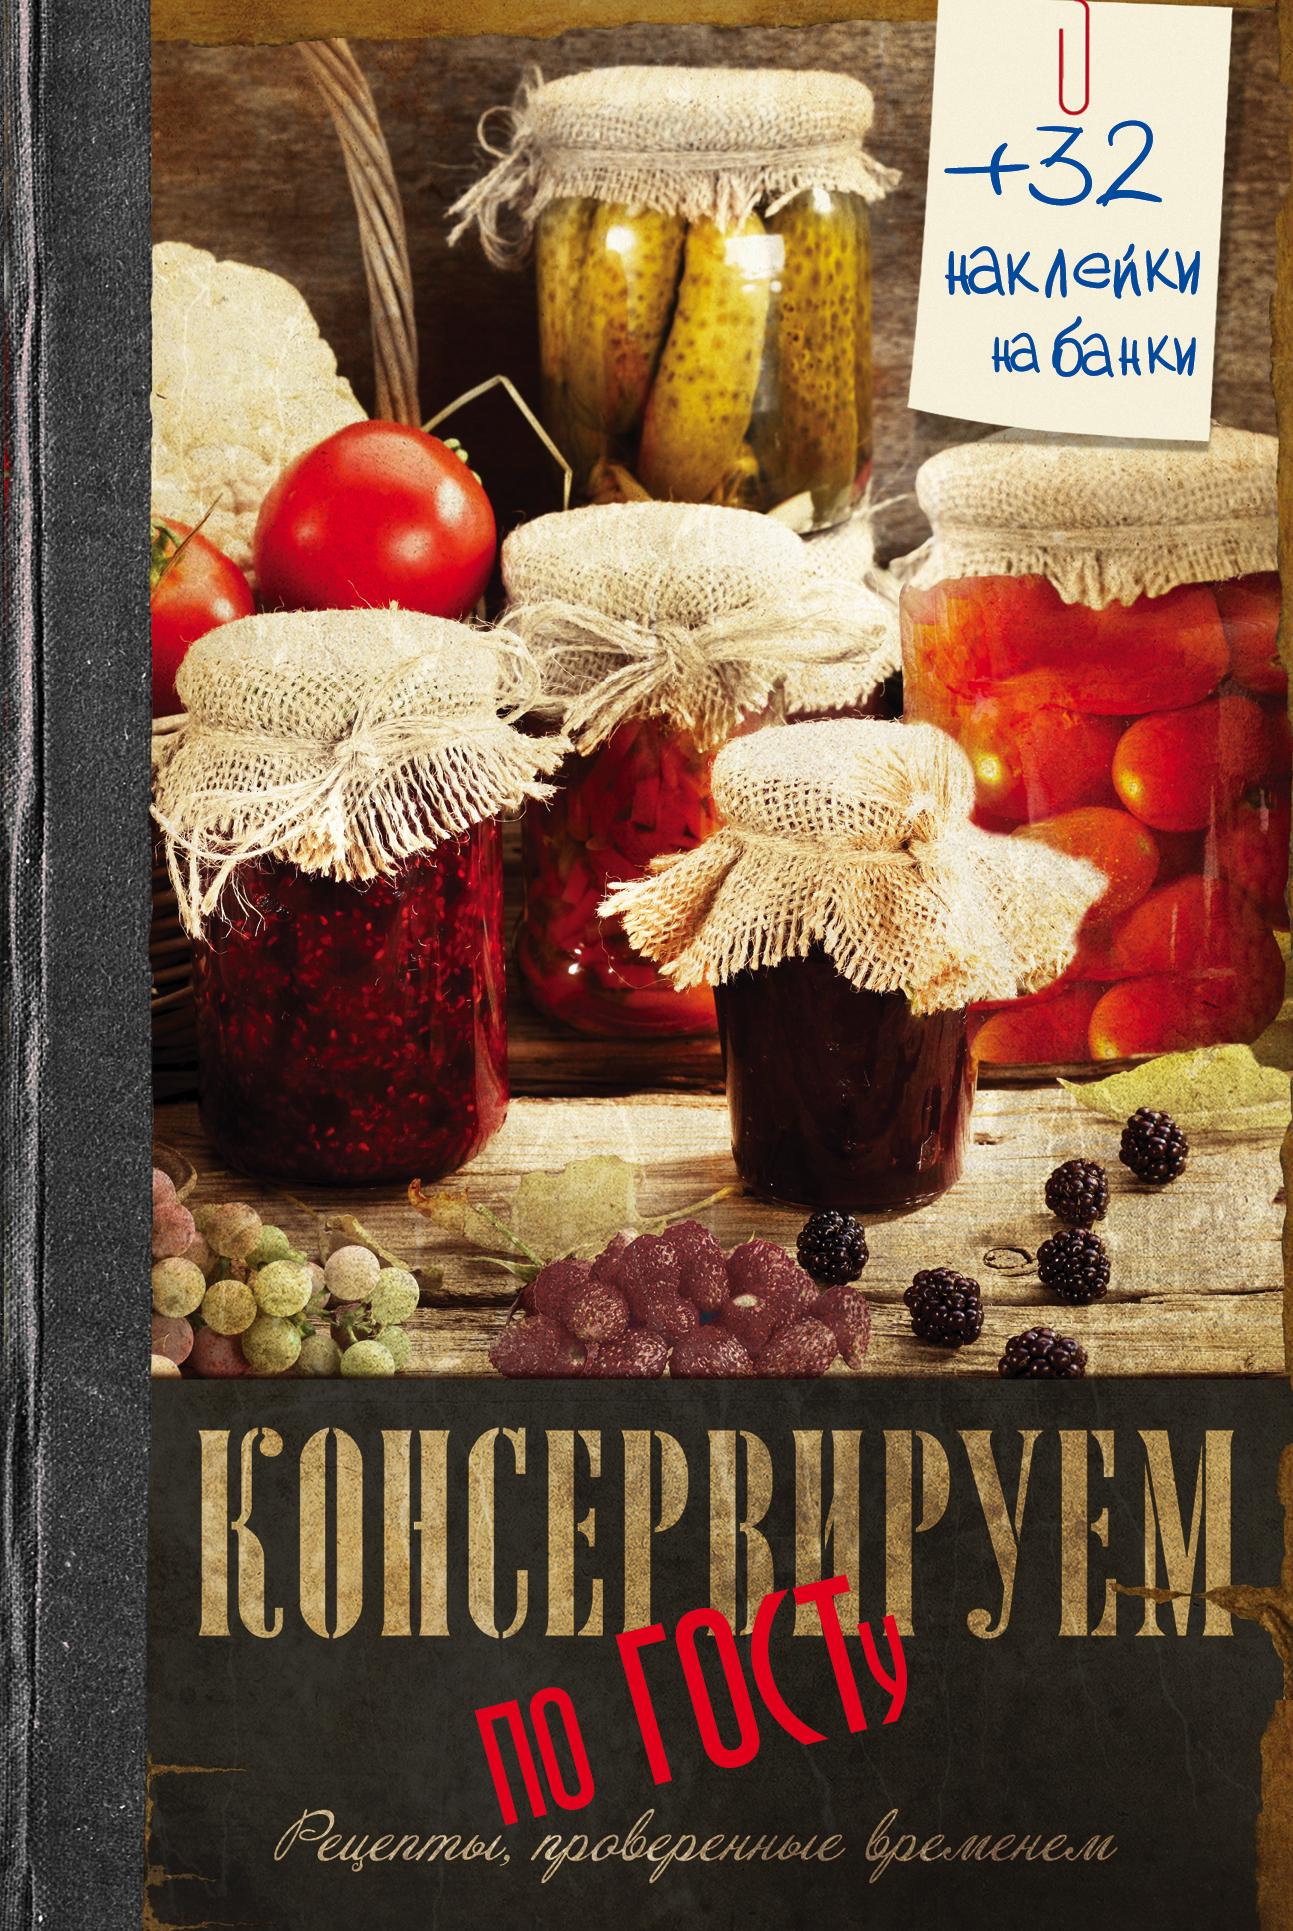 . Консервируем по ГОСТу ISBN: 978-5-17-091163-9 цена